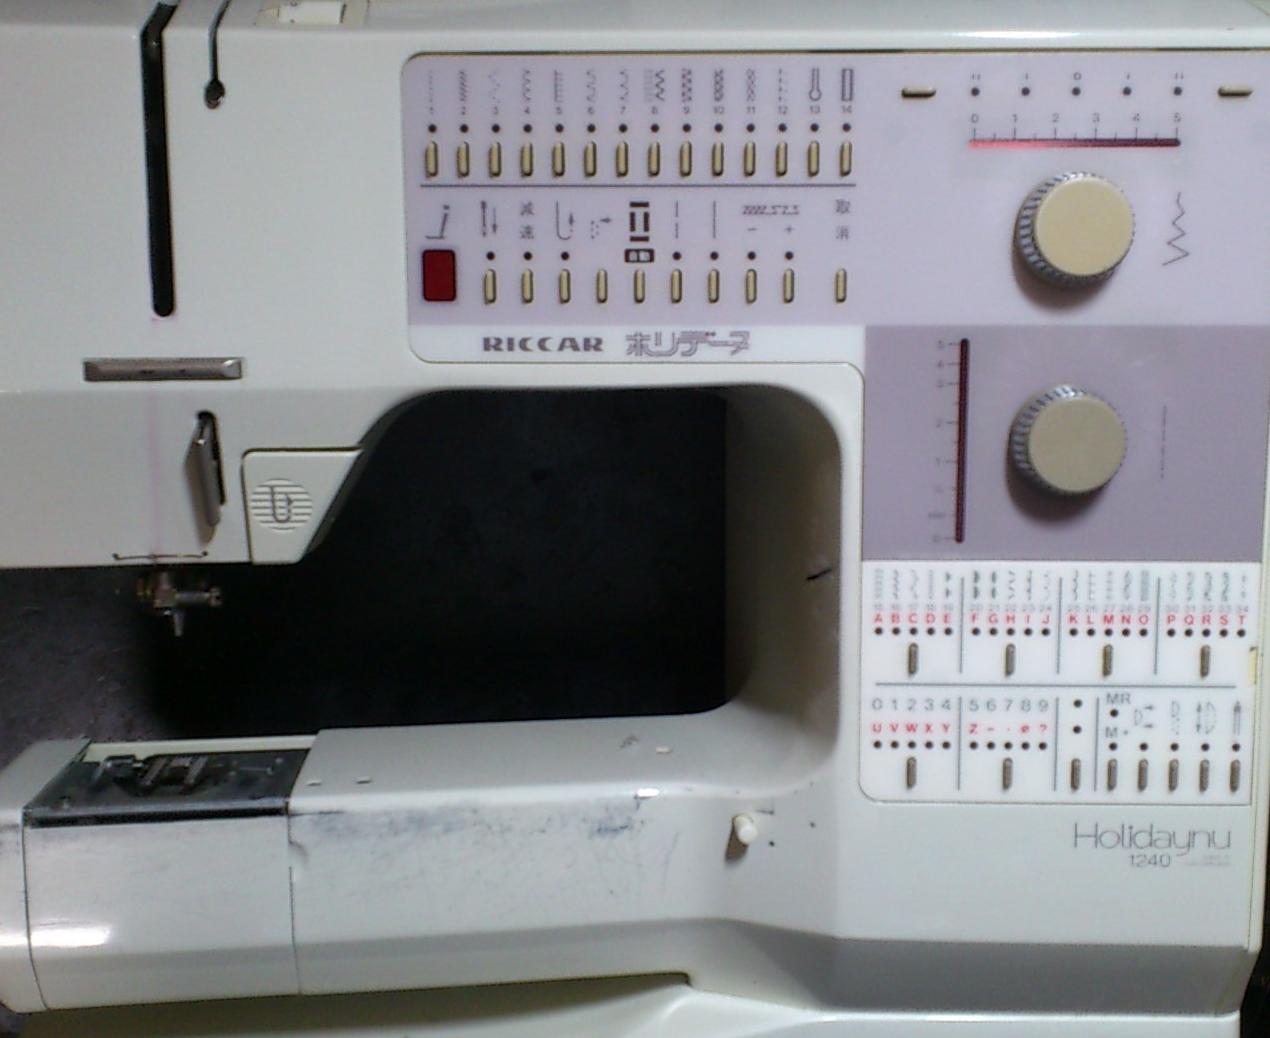 ベルニナミシン修理|Holidaynu1240|縫えない・部品の破損